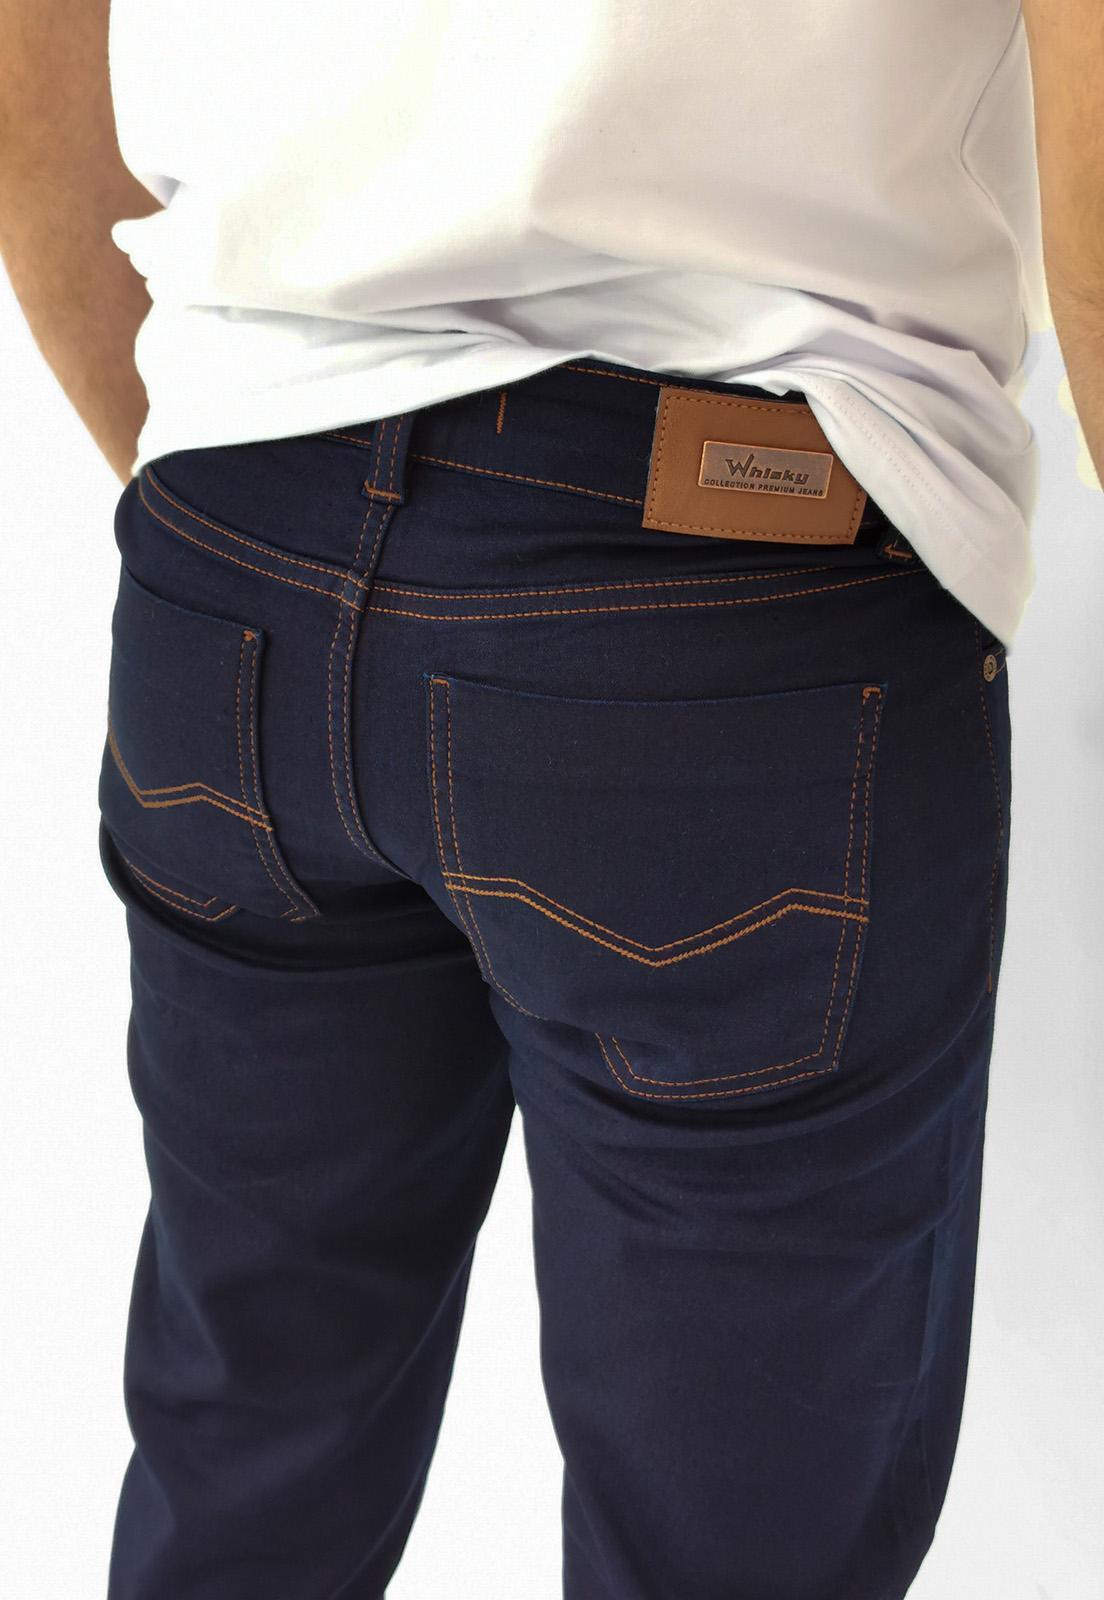 Calça Jeans Whisky Azul Marinho Confort